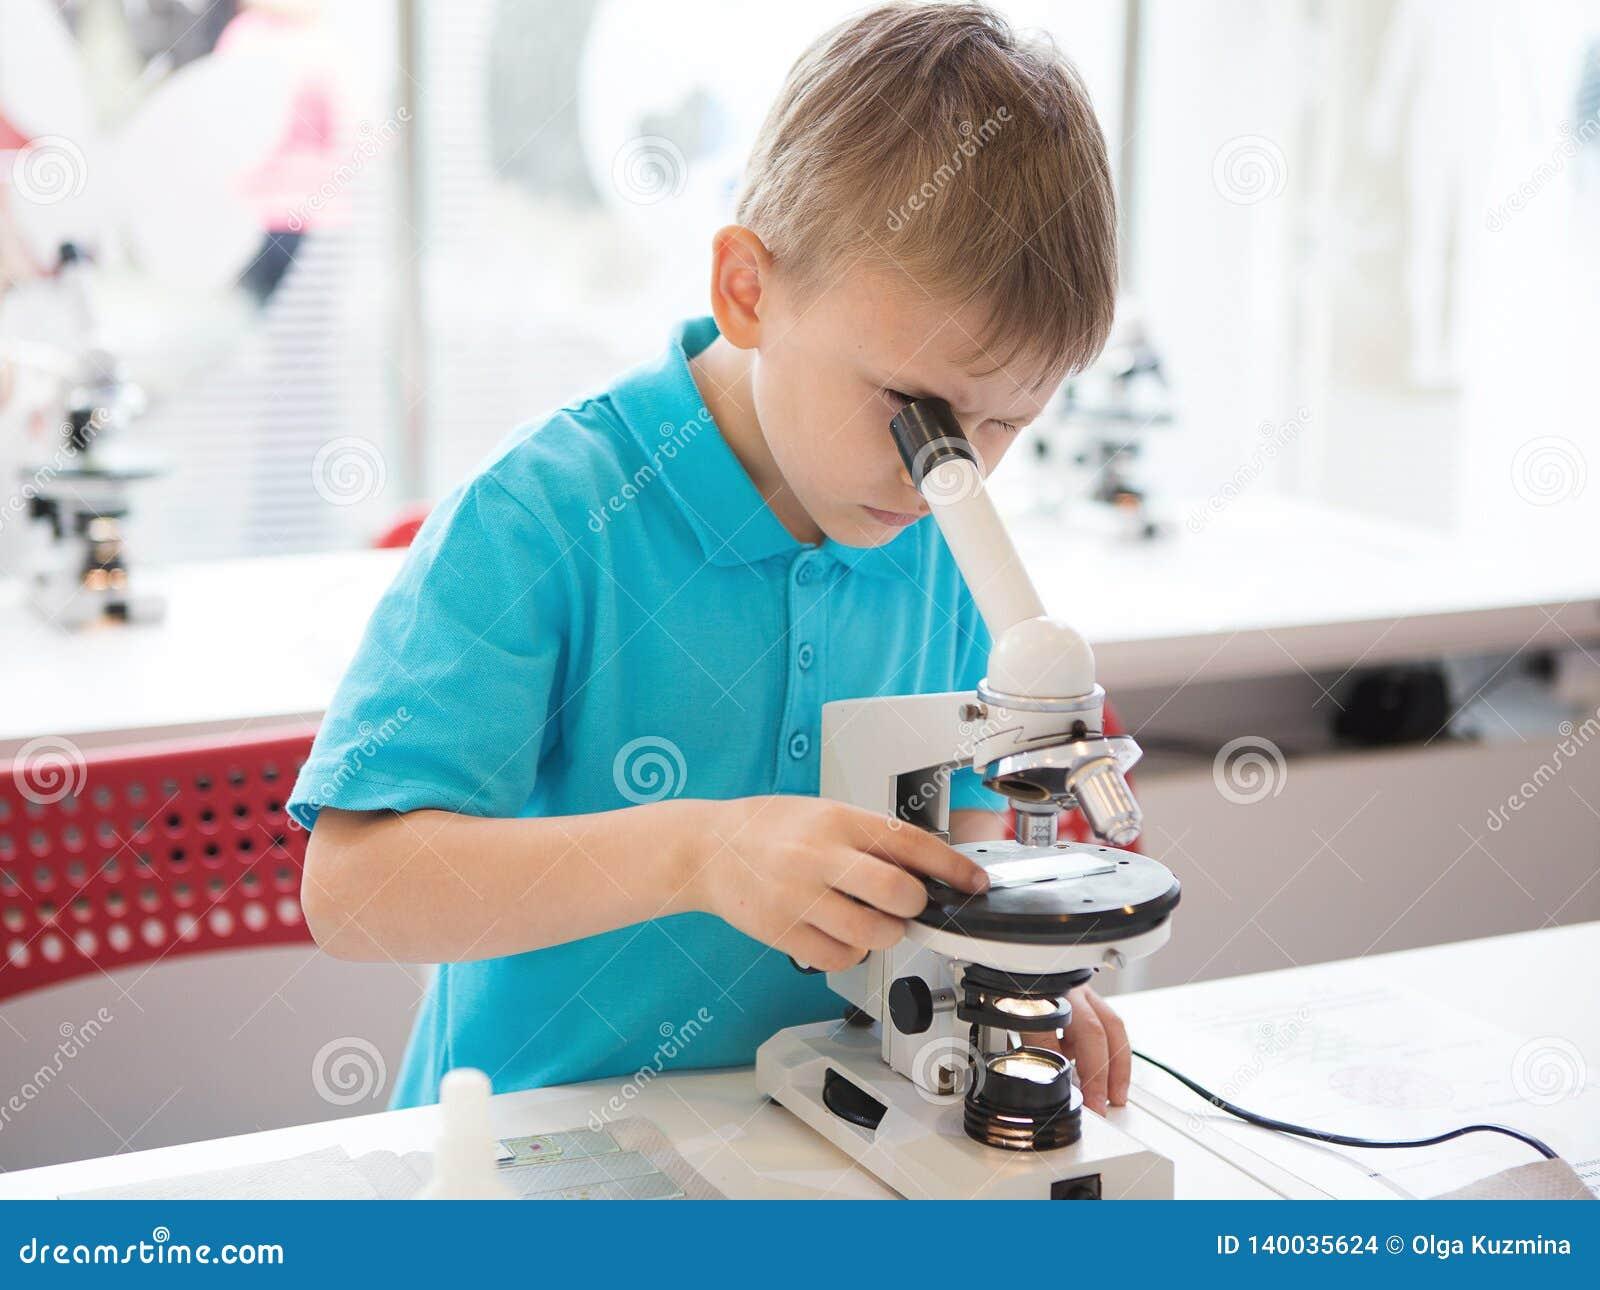 Pys som gör biokemiforskning på labbet En pojke av det europeiska utseendet i en polo för biologiska experiment genom att använda